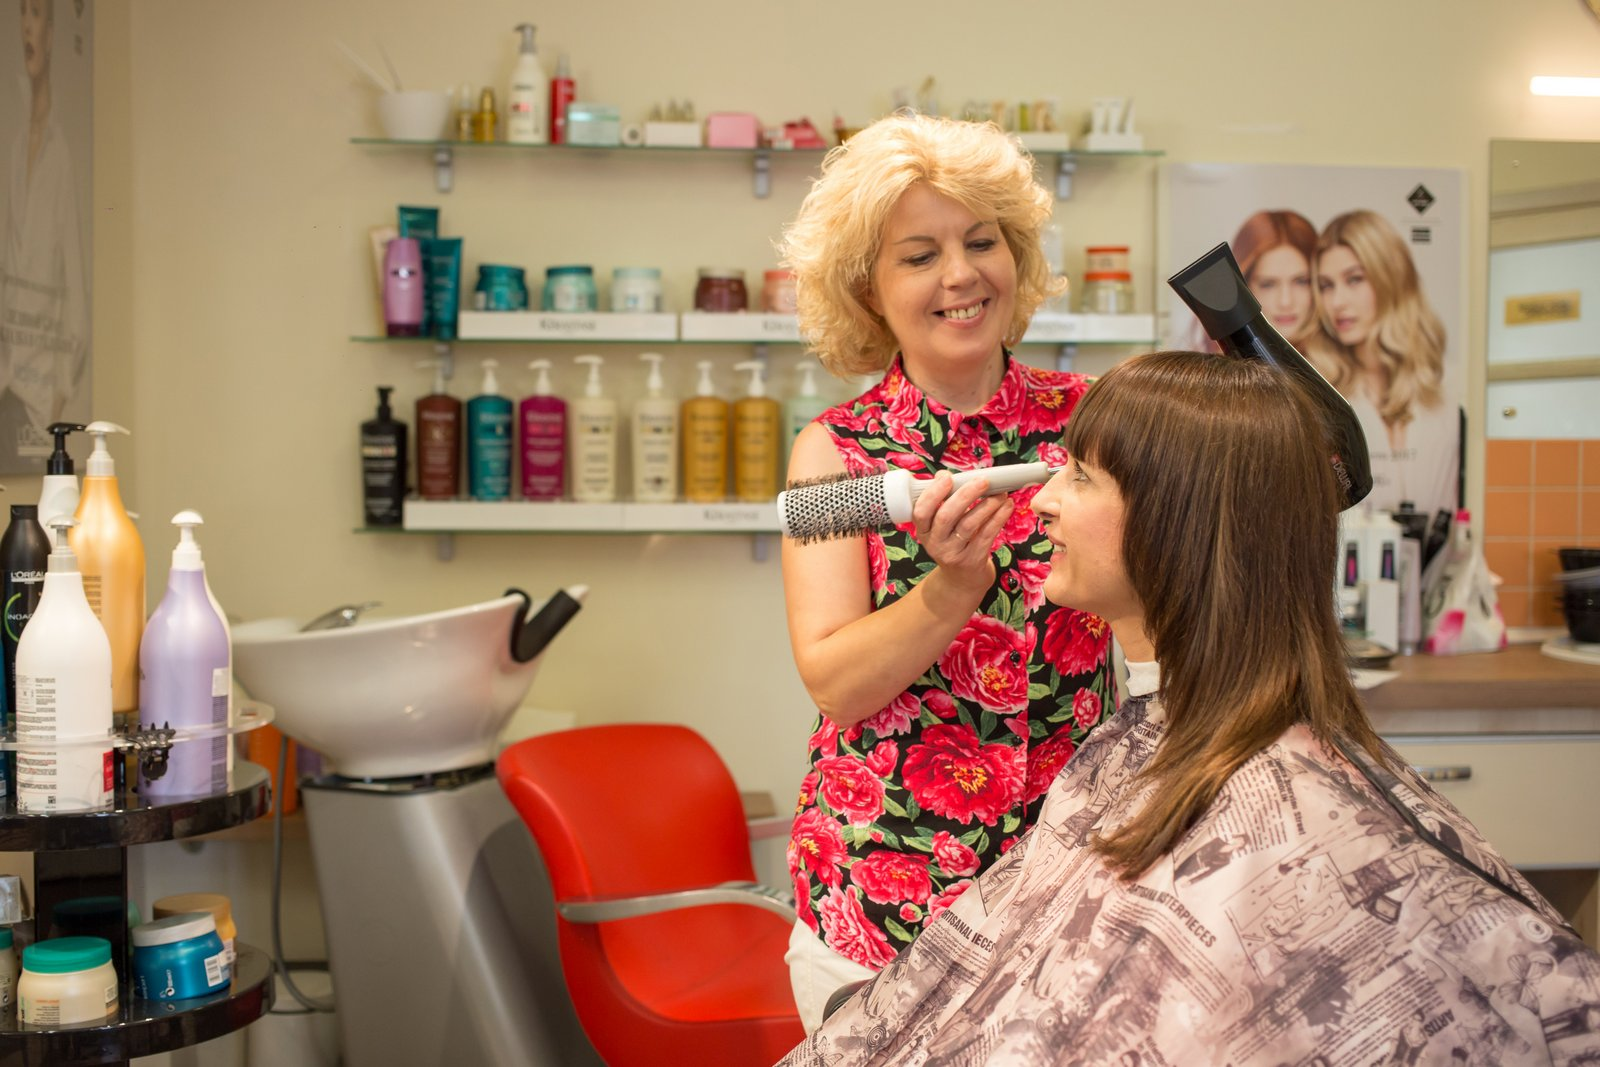 удобен каталог стрижек для парикмахеров фото хочу побывать